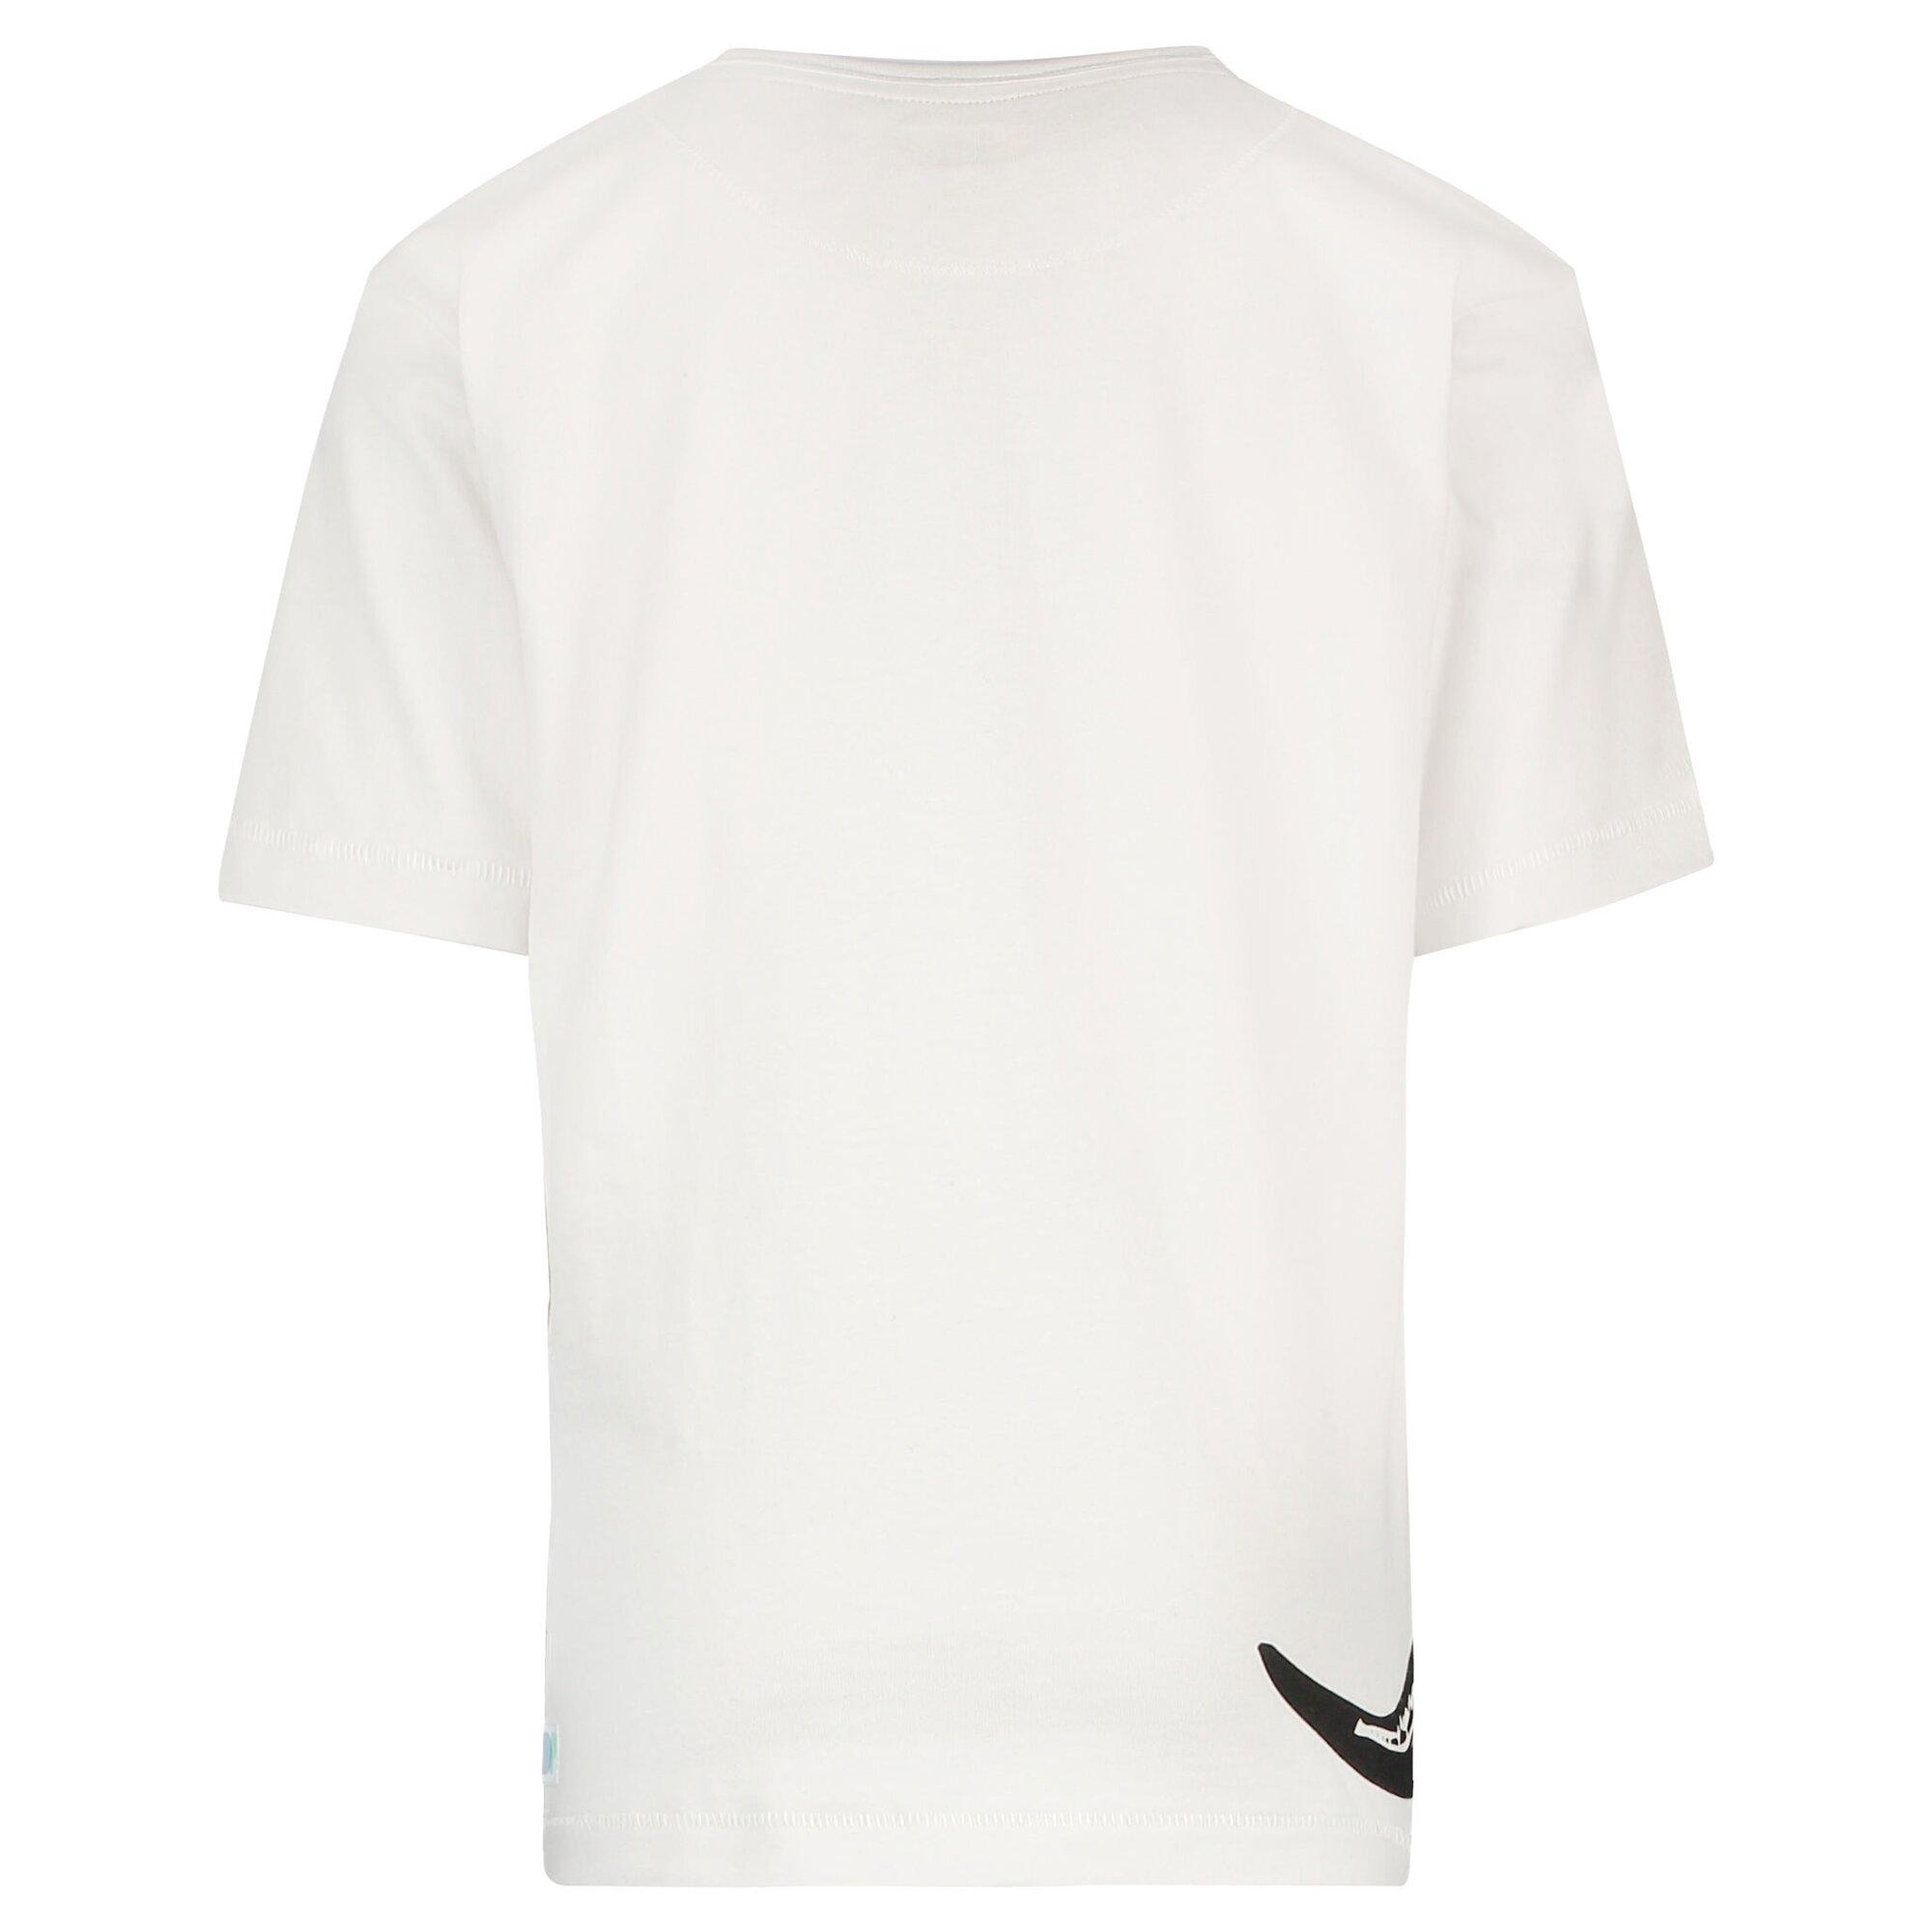 t-shirt-veronique, 24.99 EUR @ babywalz-de